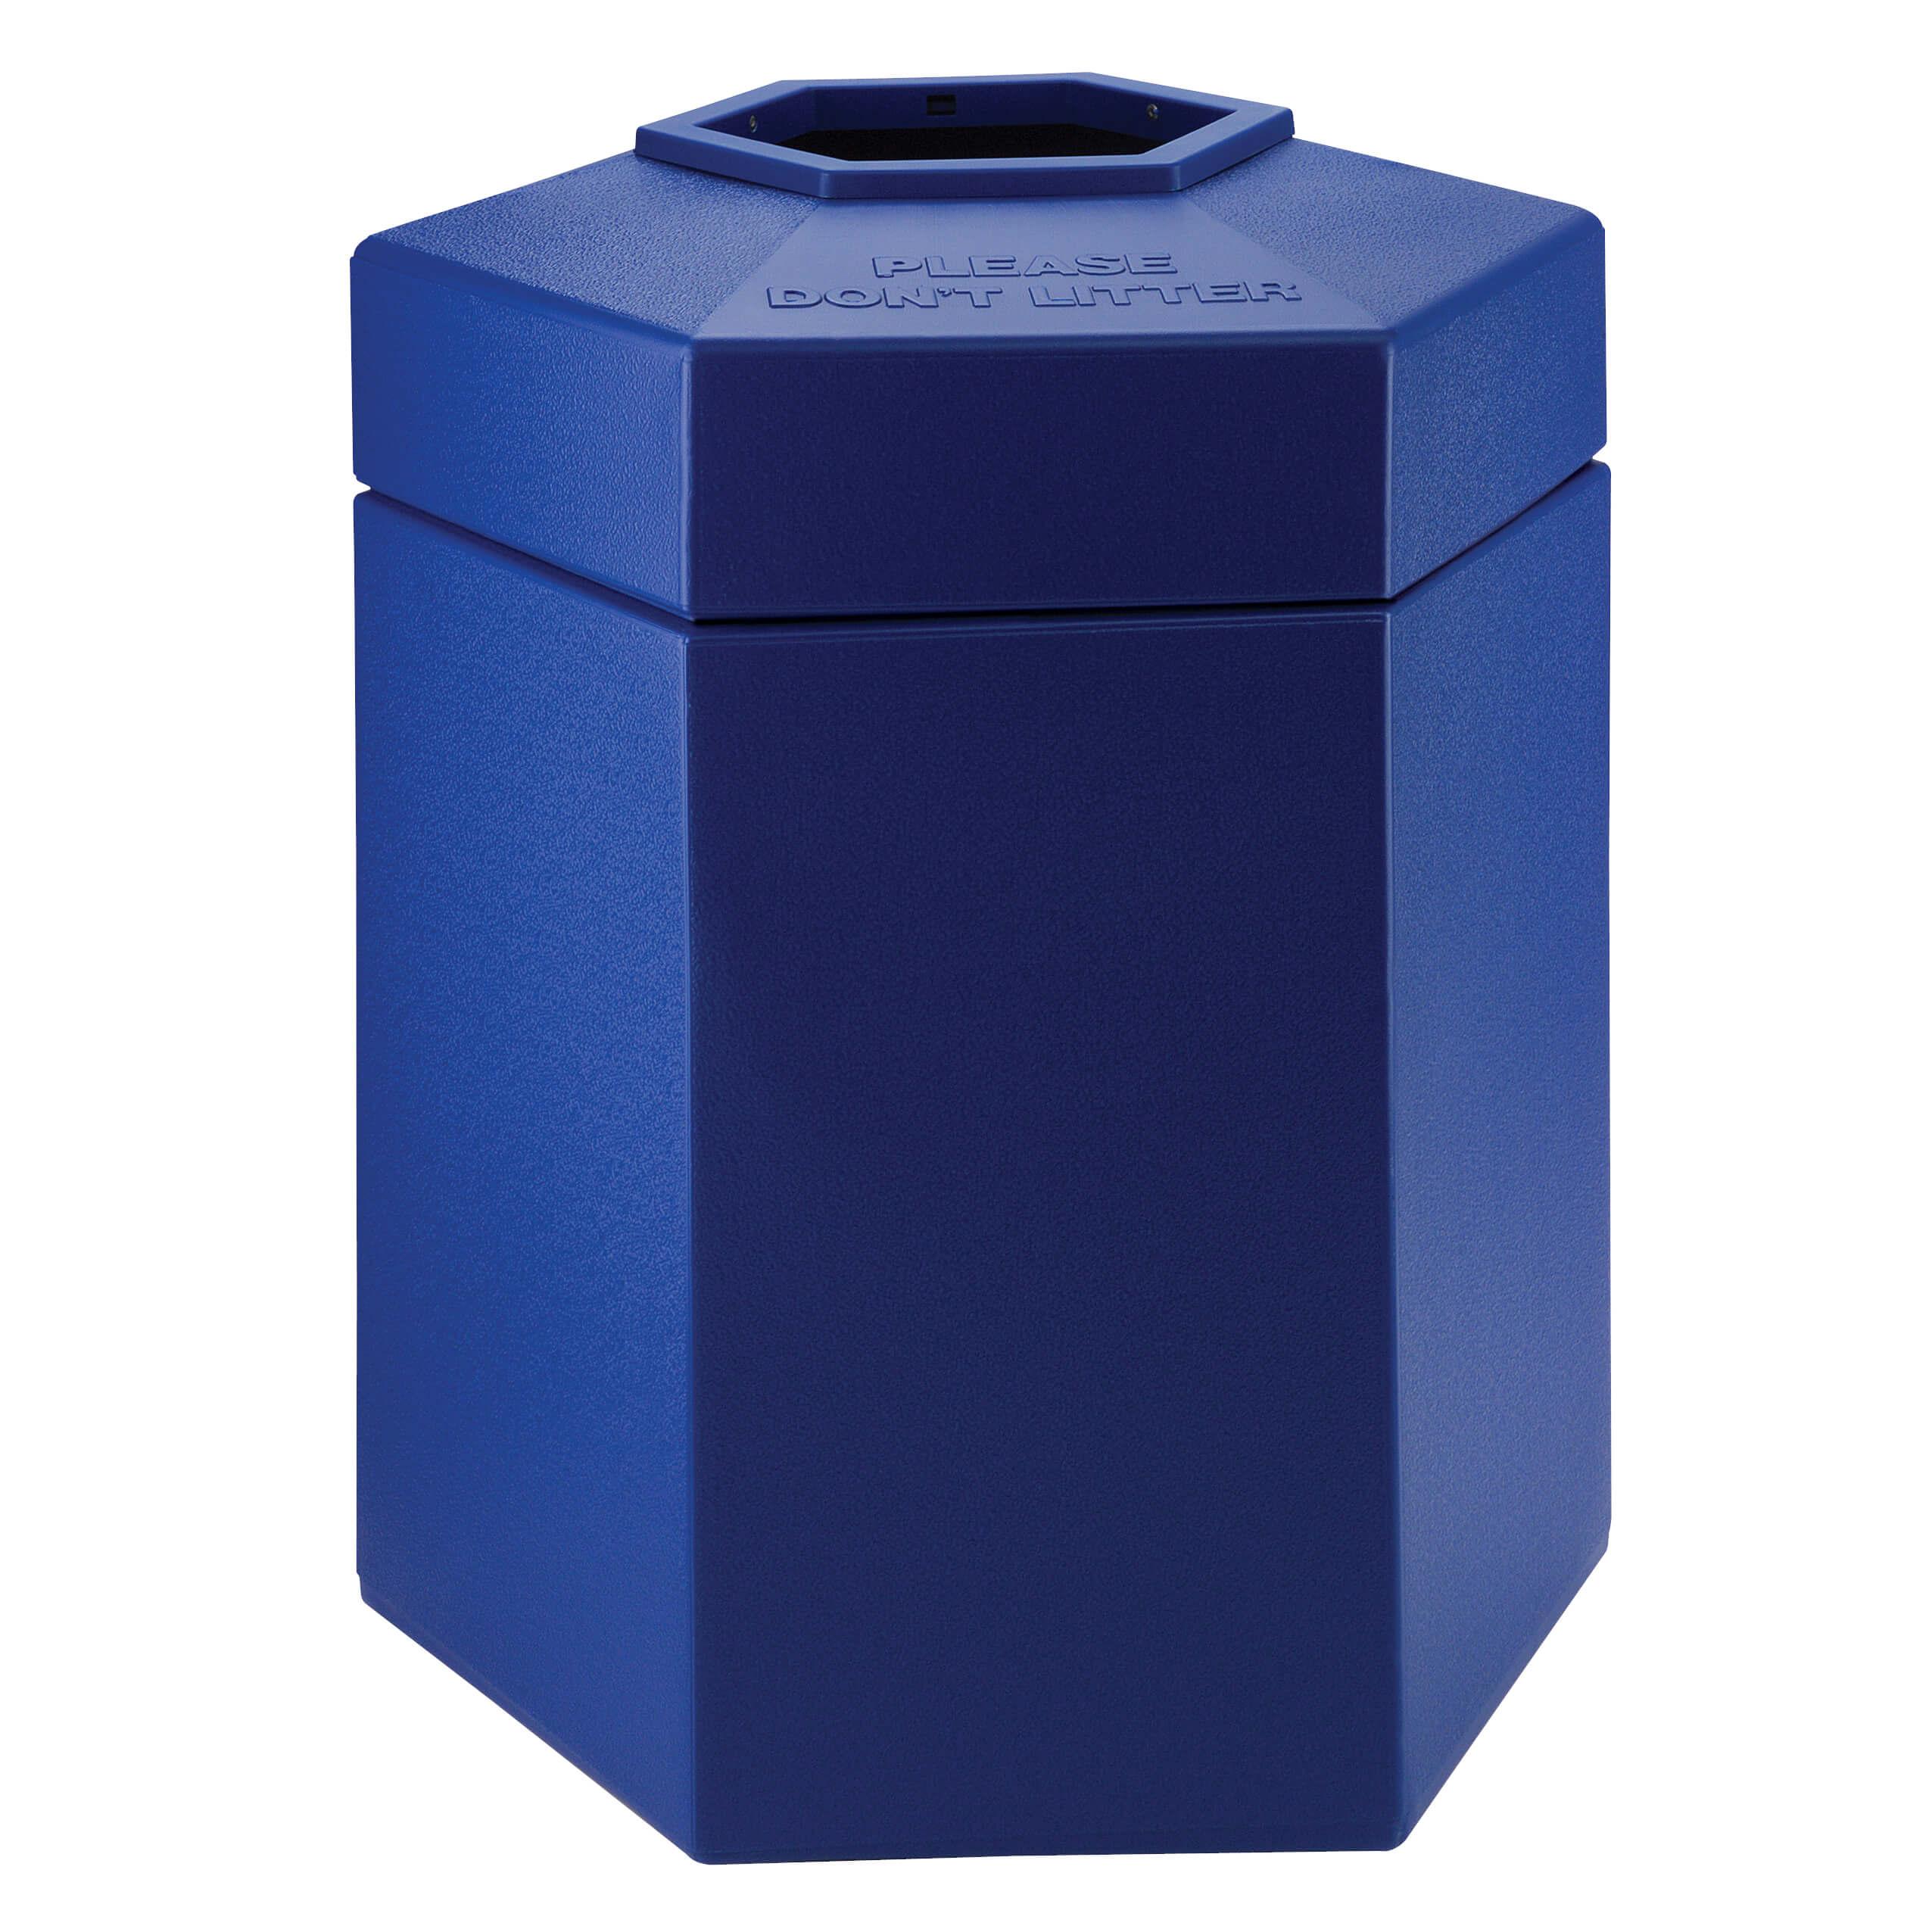 Hex 45 Gallon Trash Container